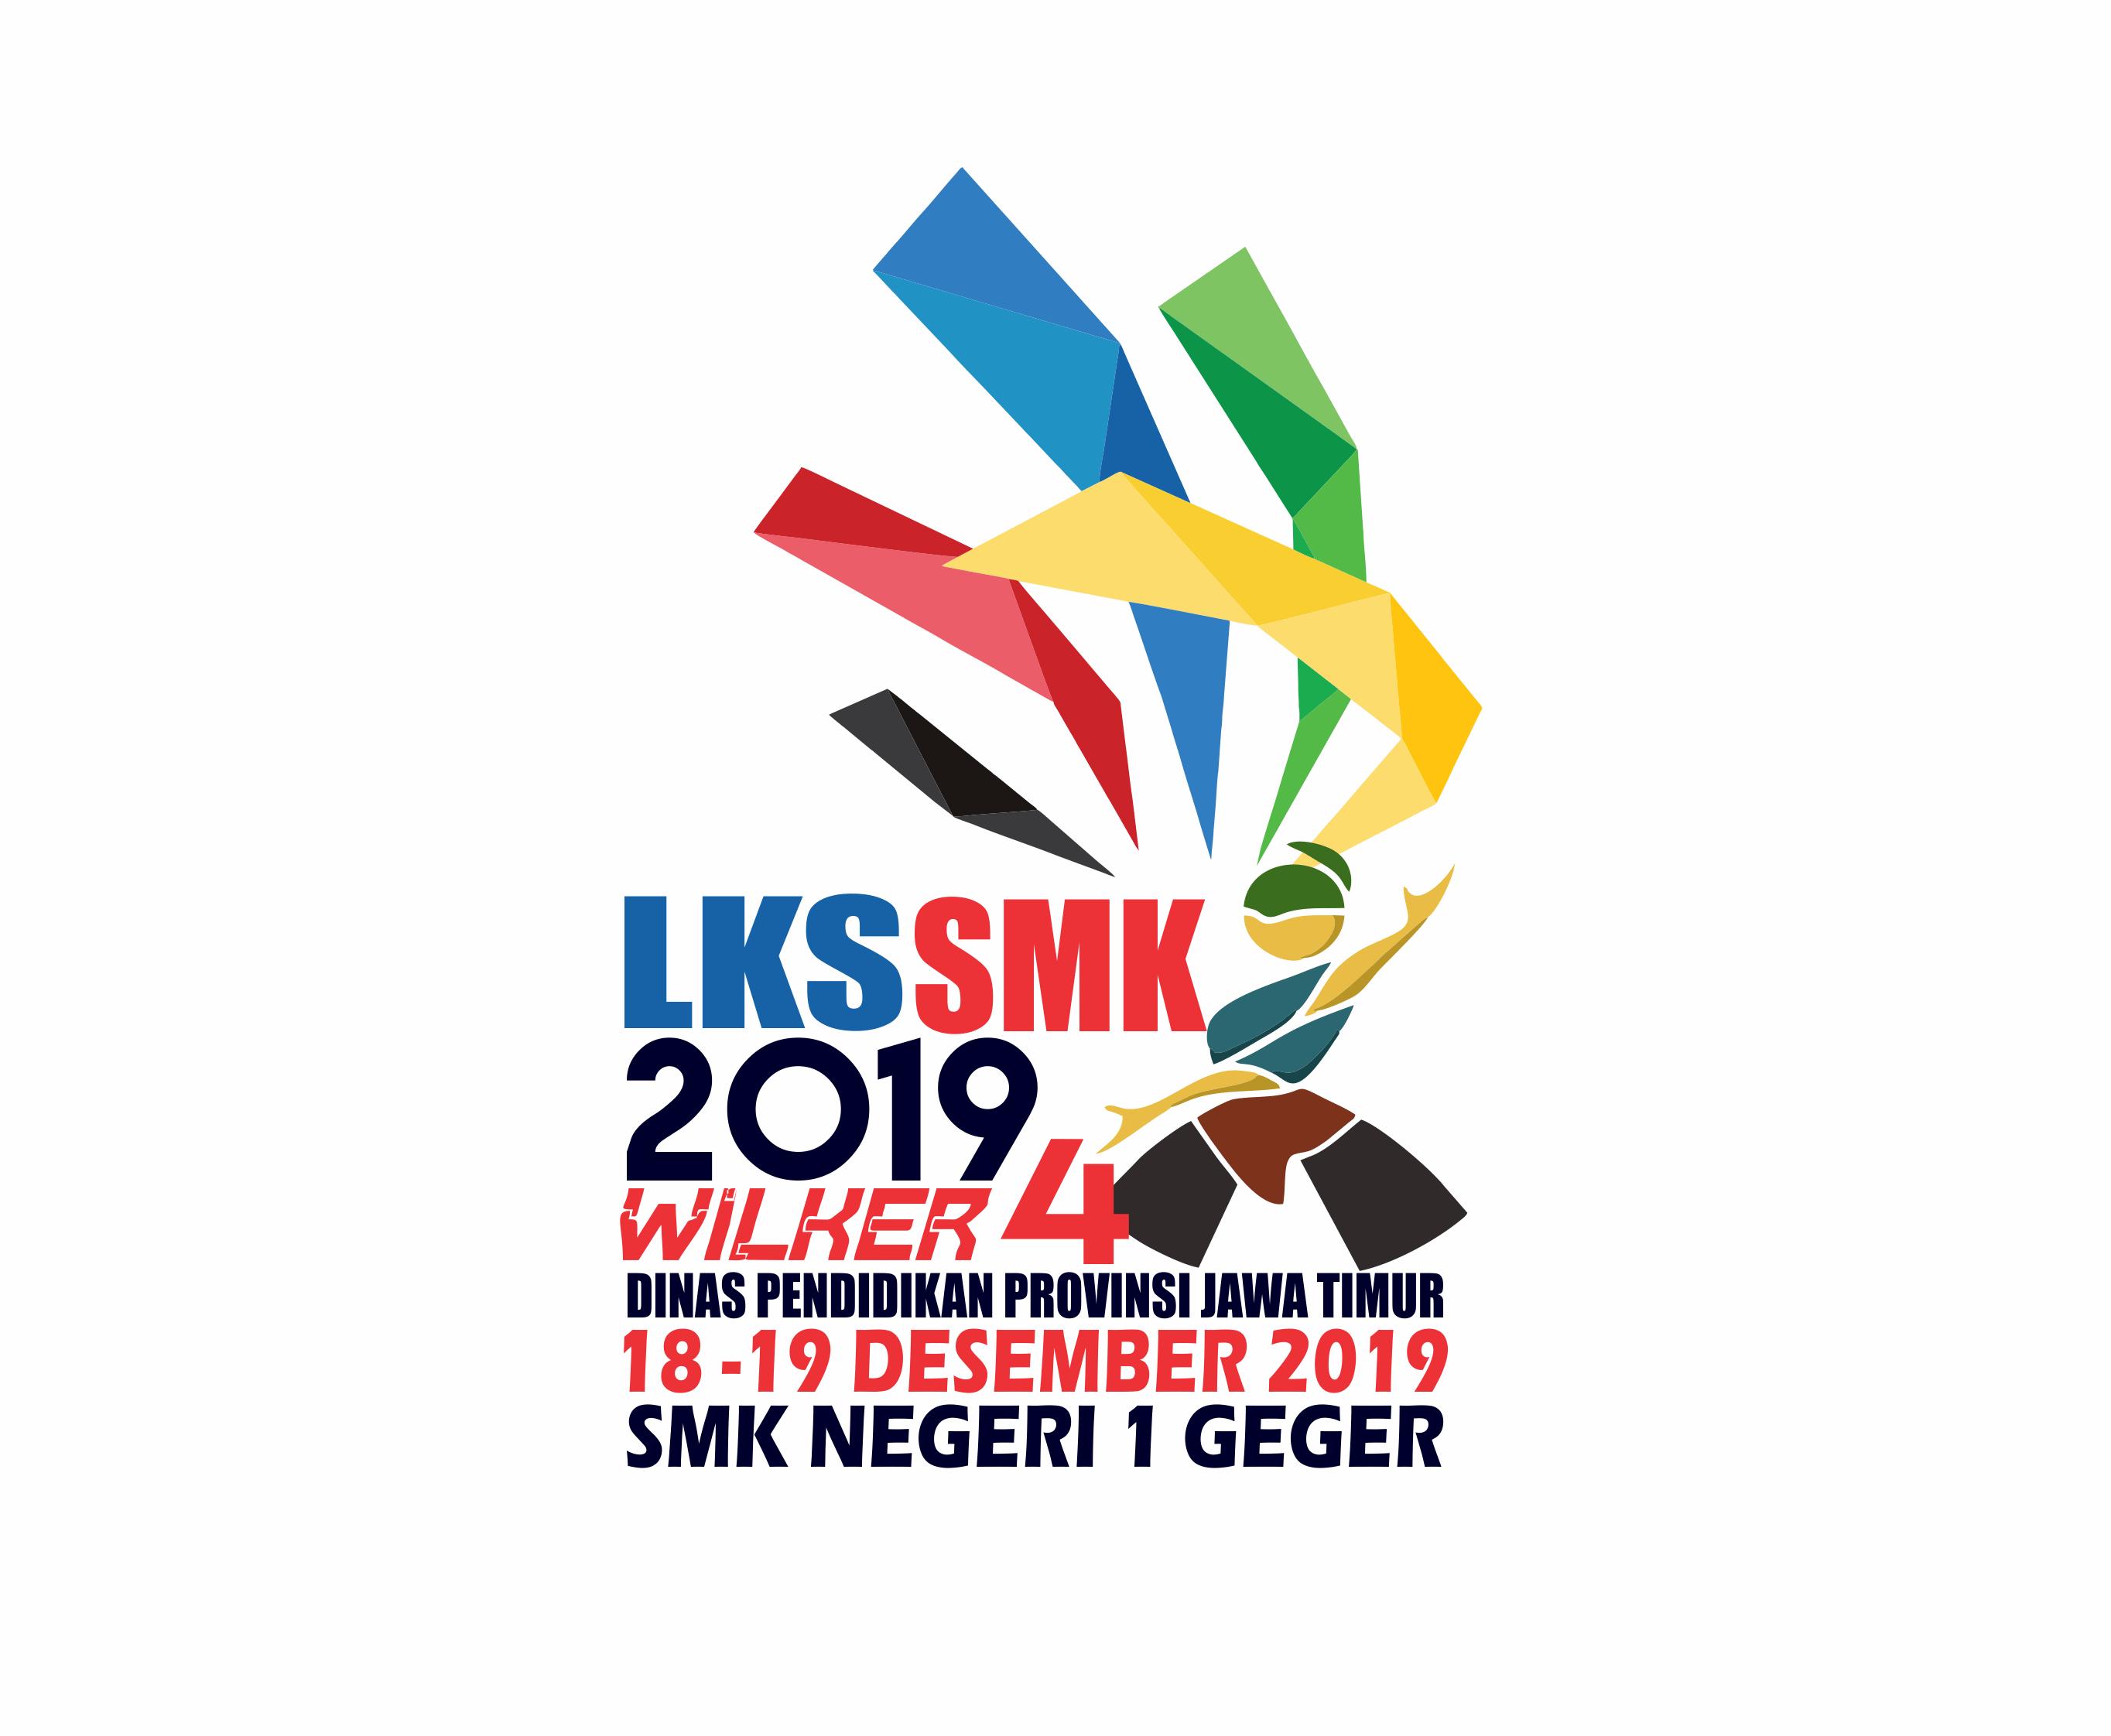 Raih Juara LKS 2019 Wilker 4, Juara 2 Bidang TBSM dan Juara 4 Bidang TKJ